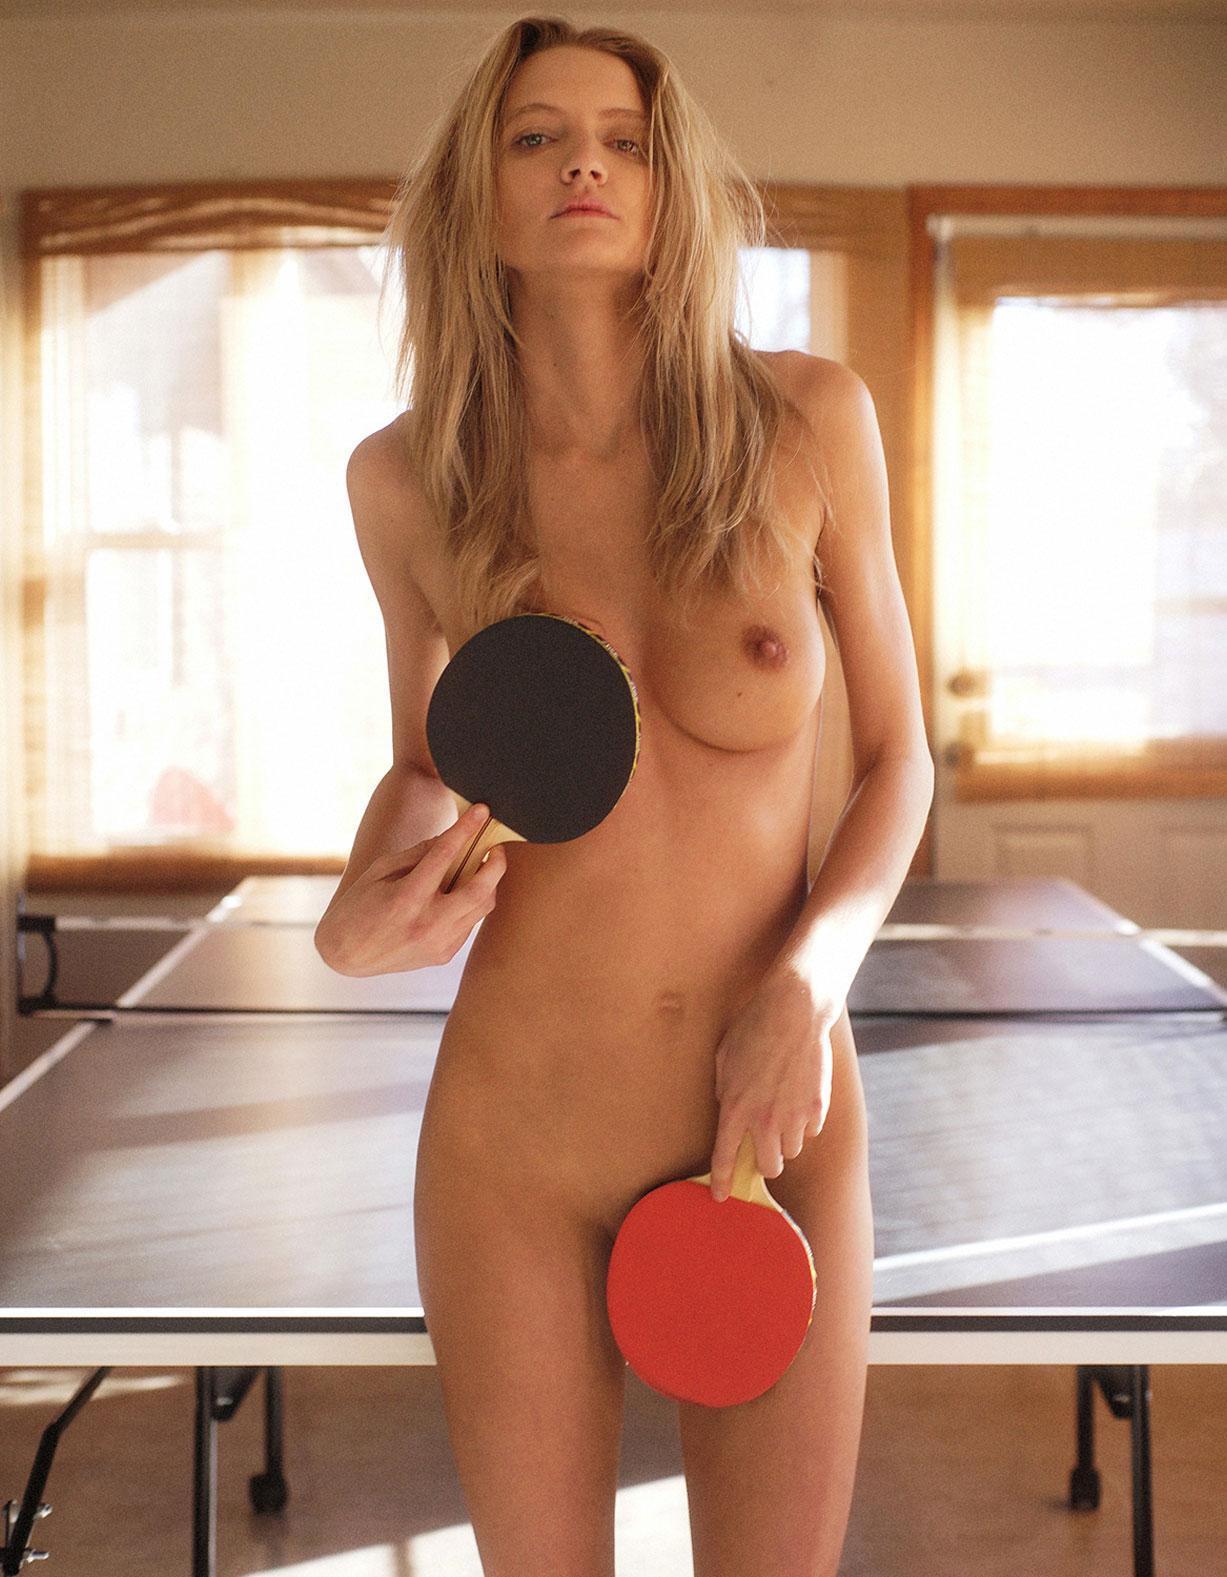 играем в настольный теннис с Кортни и Жозефиной / Courtney Lynn naked by Kenn Perry